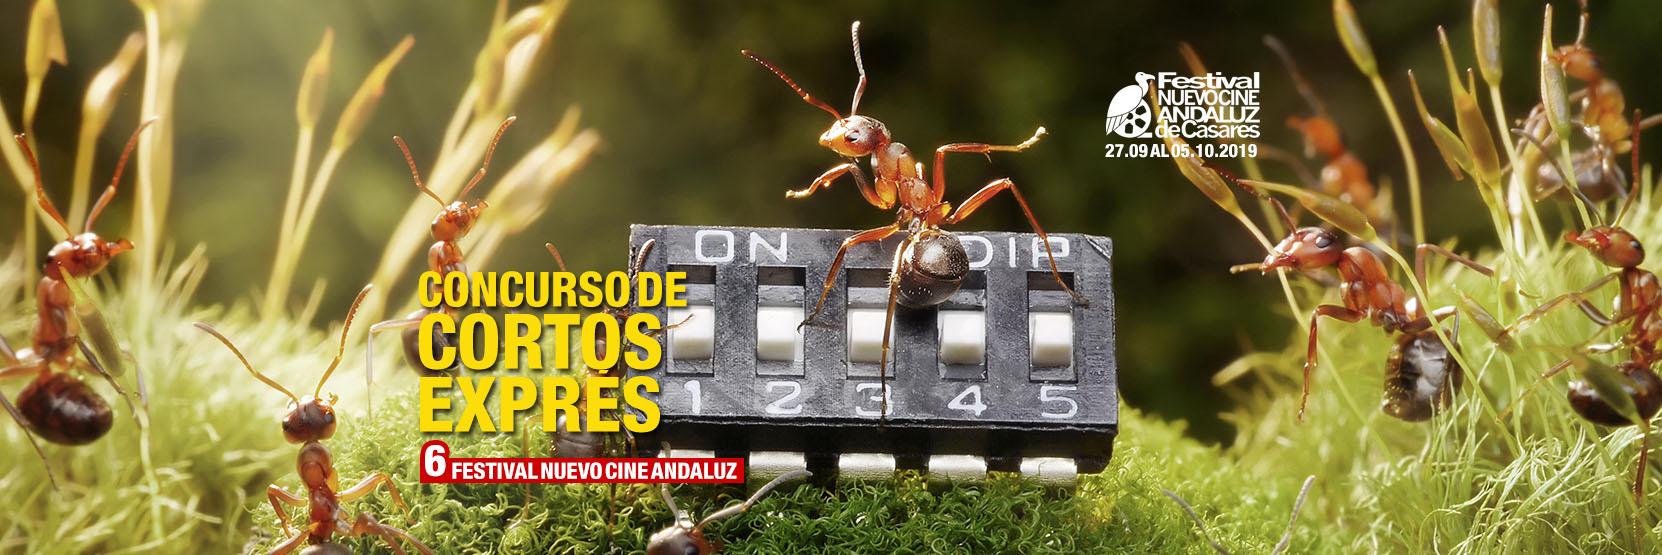 Concurso Cortos Exprés Nuevo Cine Andaluz 2019